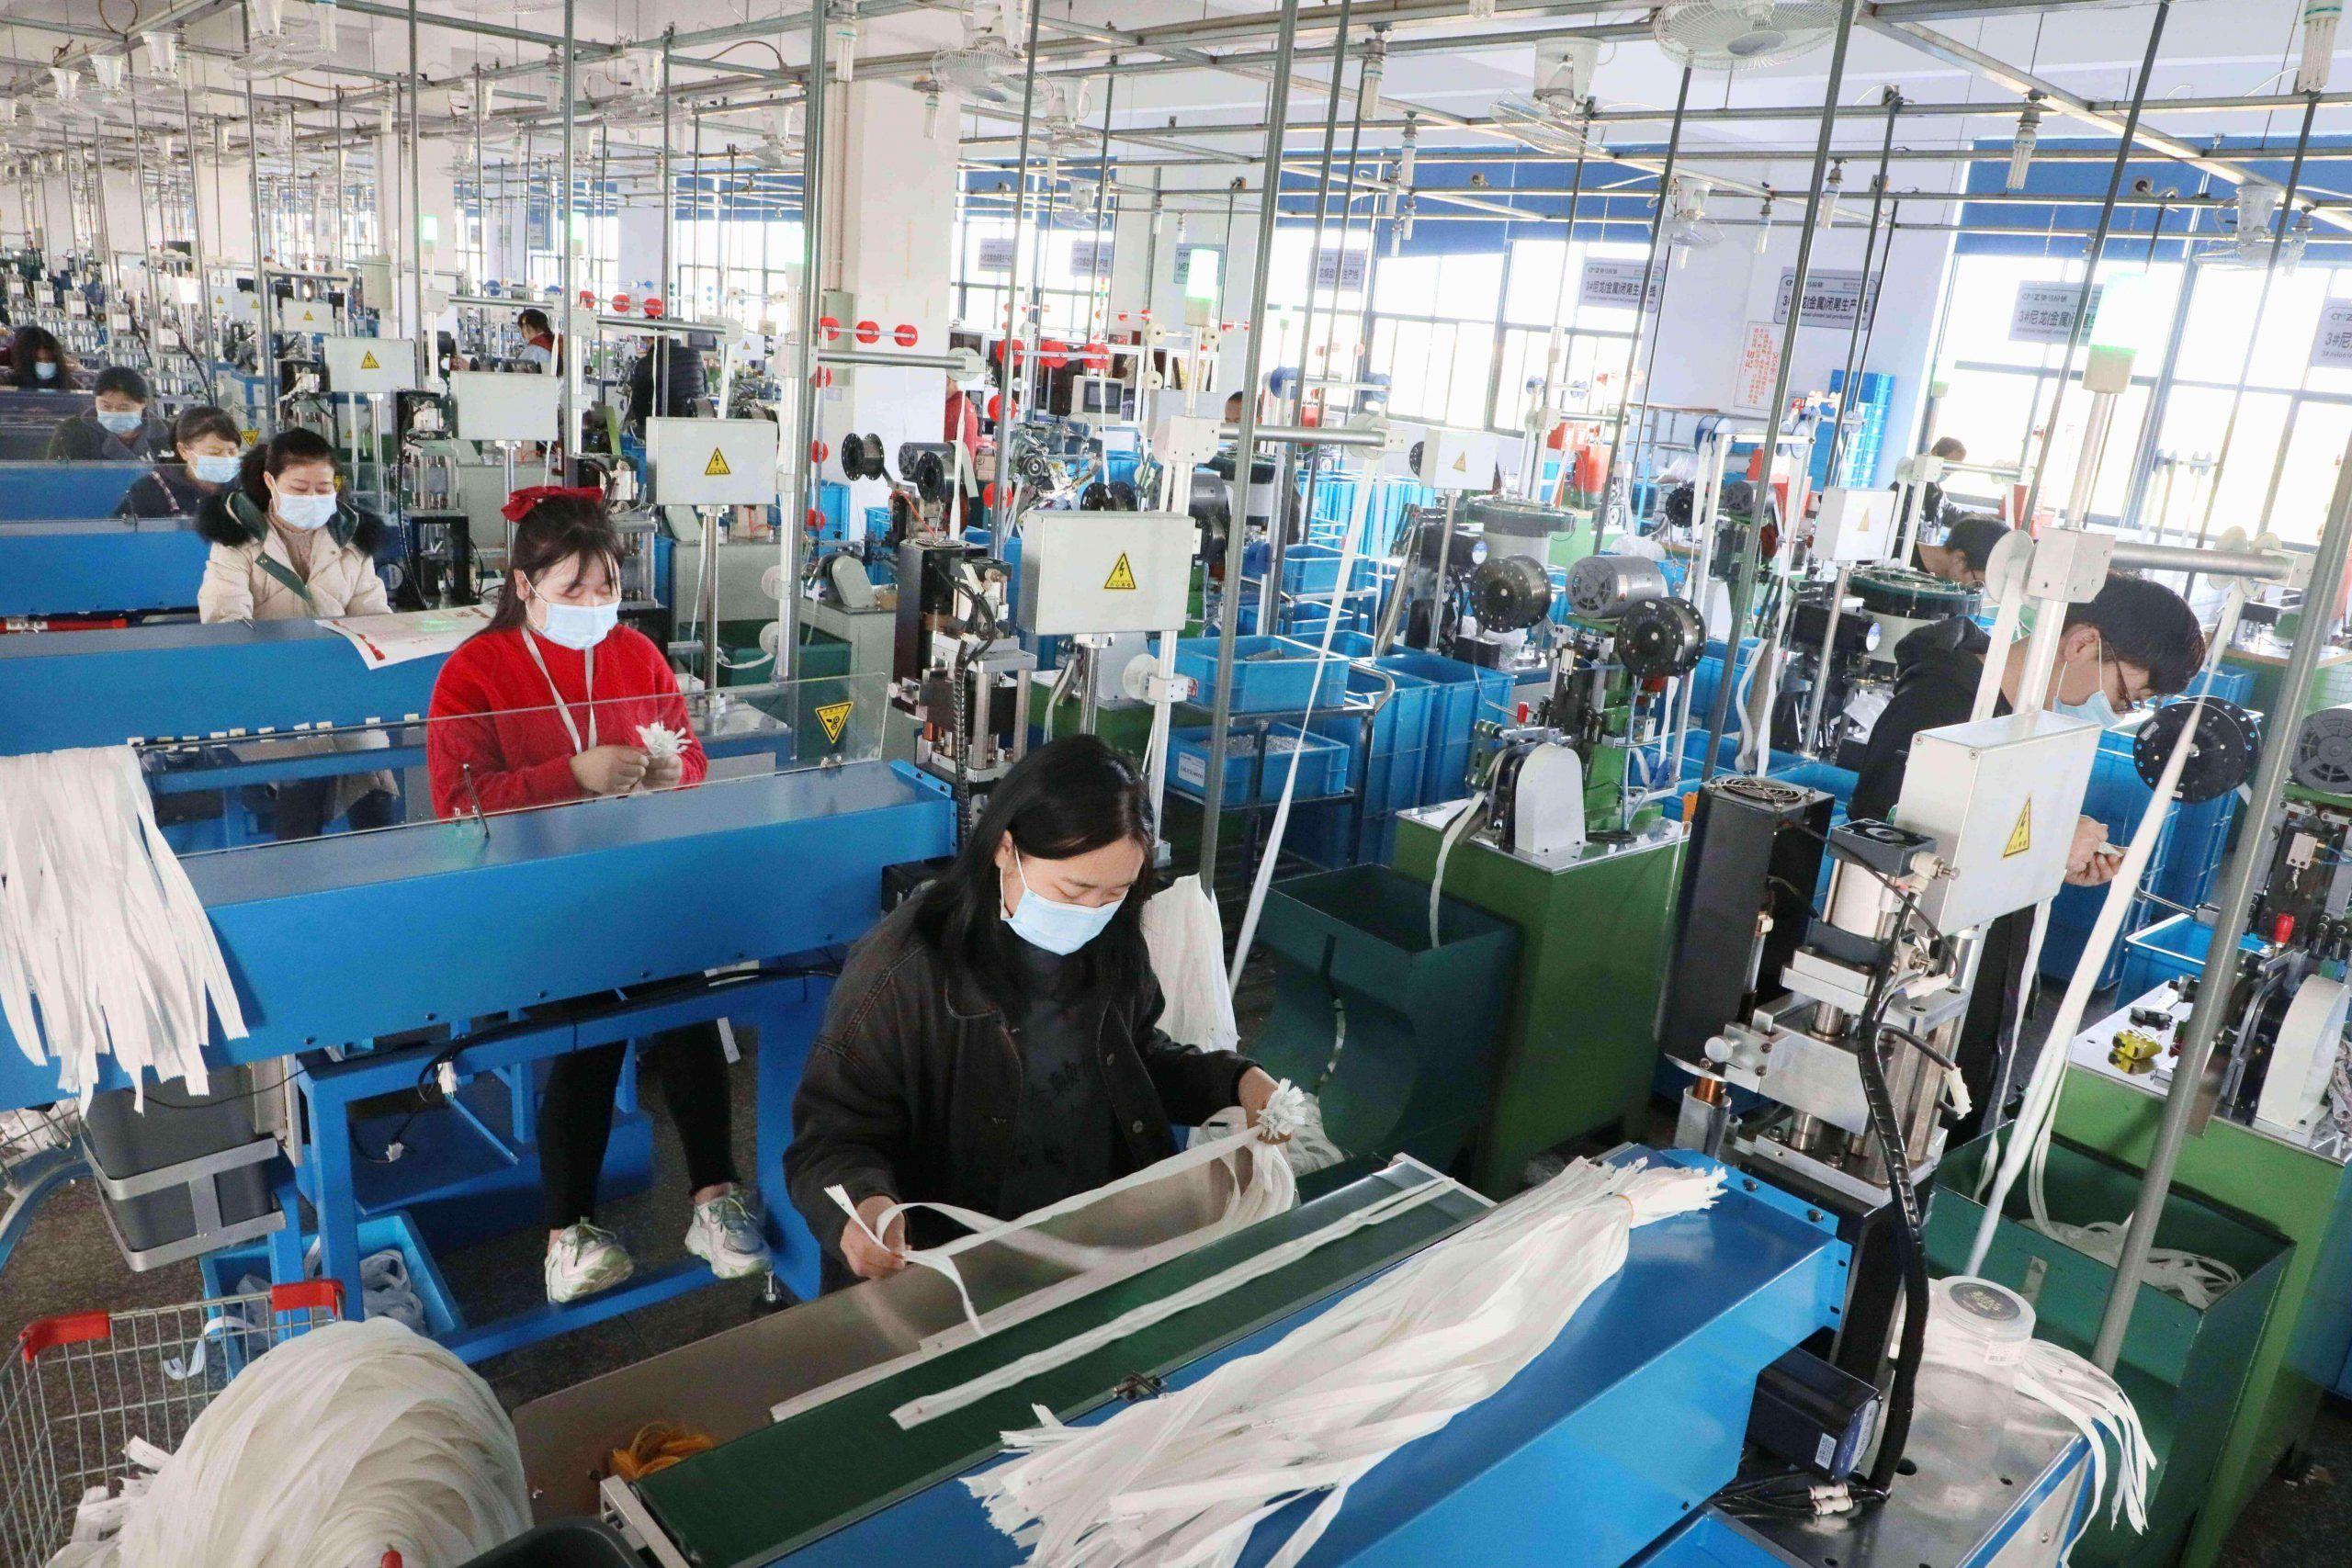 In Cina economia in ripresa: sale il Pil ma sotto le aspettative